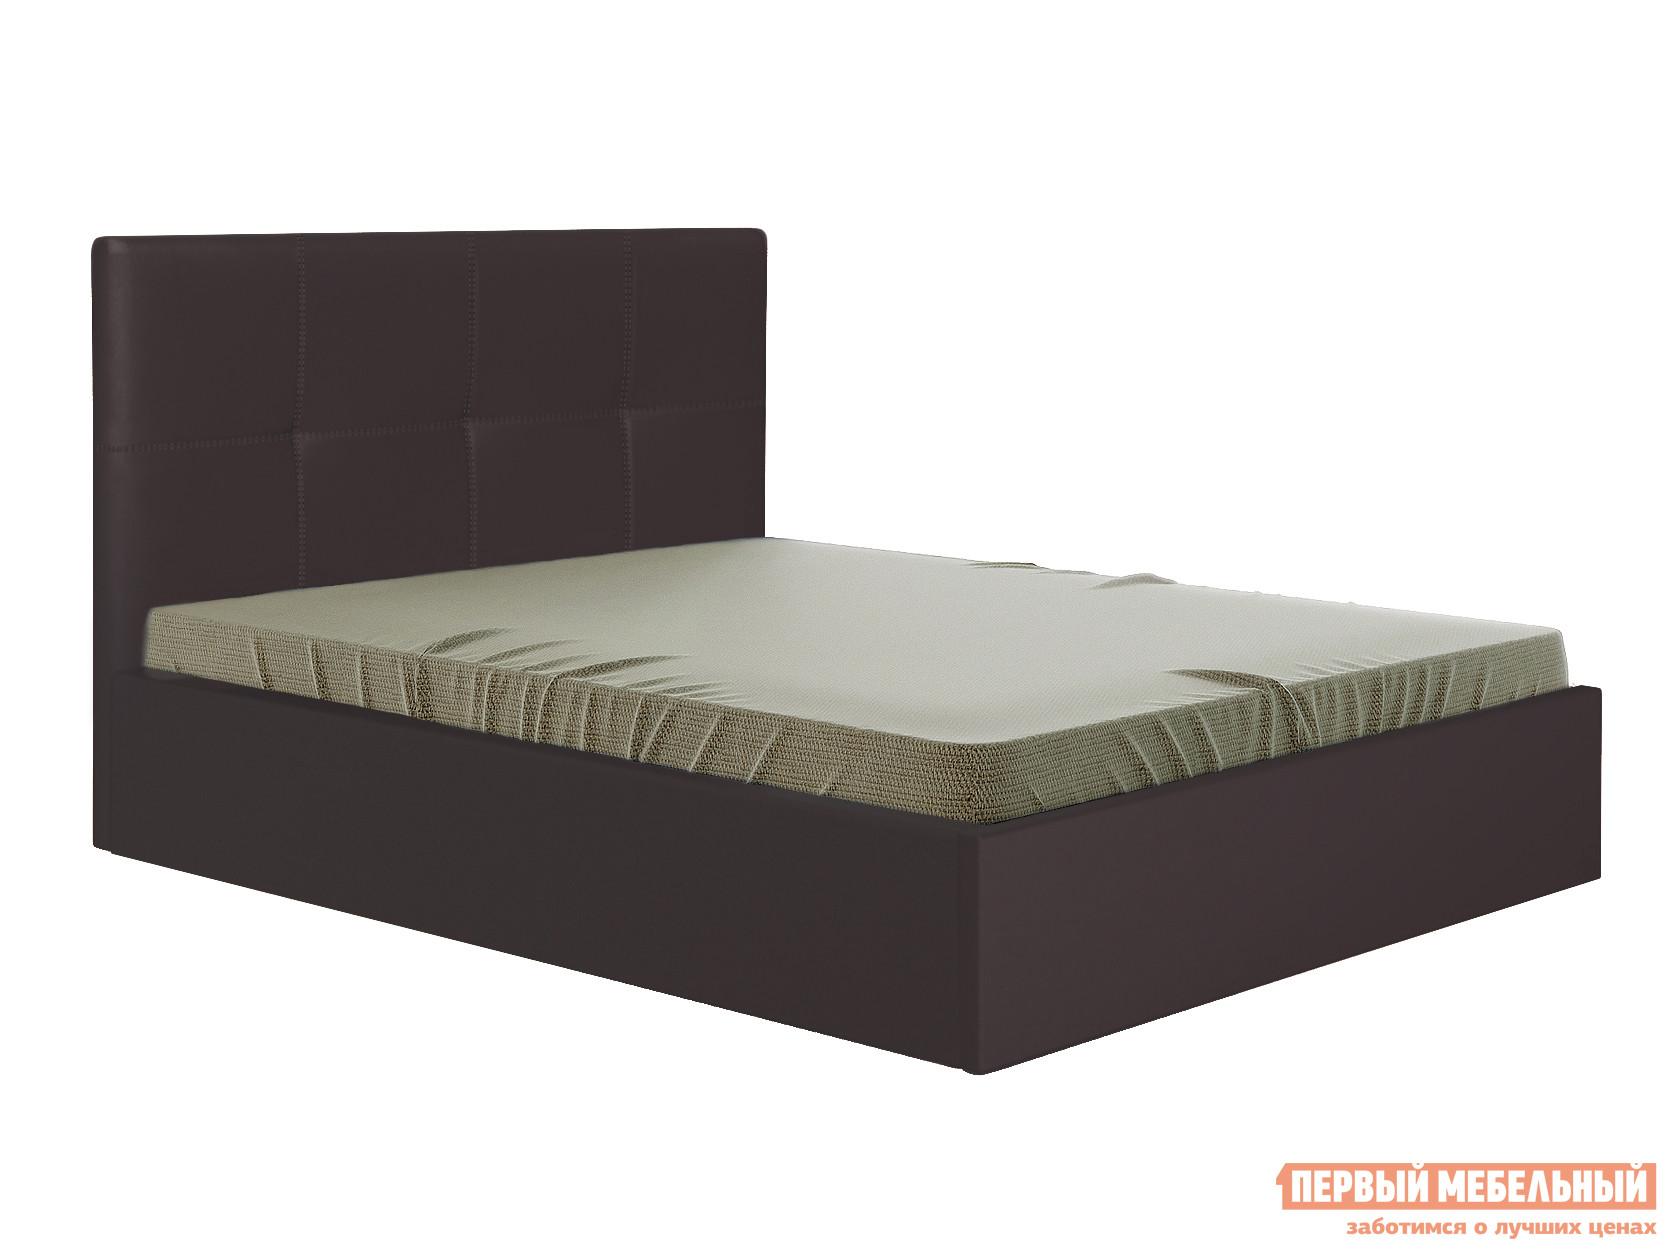 Двуспальная кровать  Верда Коричневый, экокожа, 160х200 см